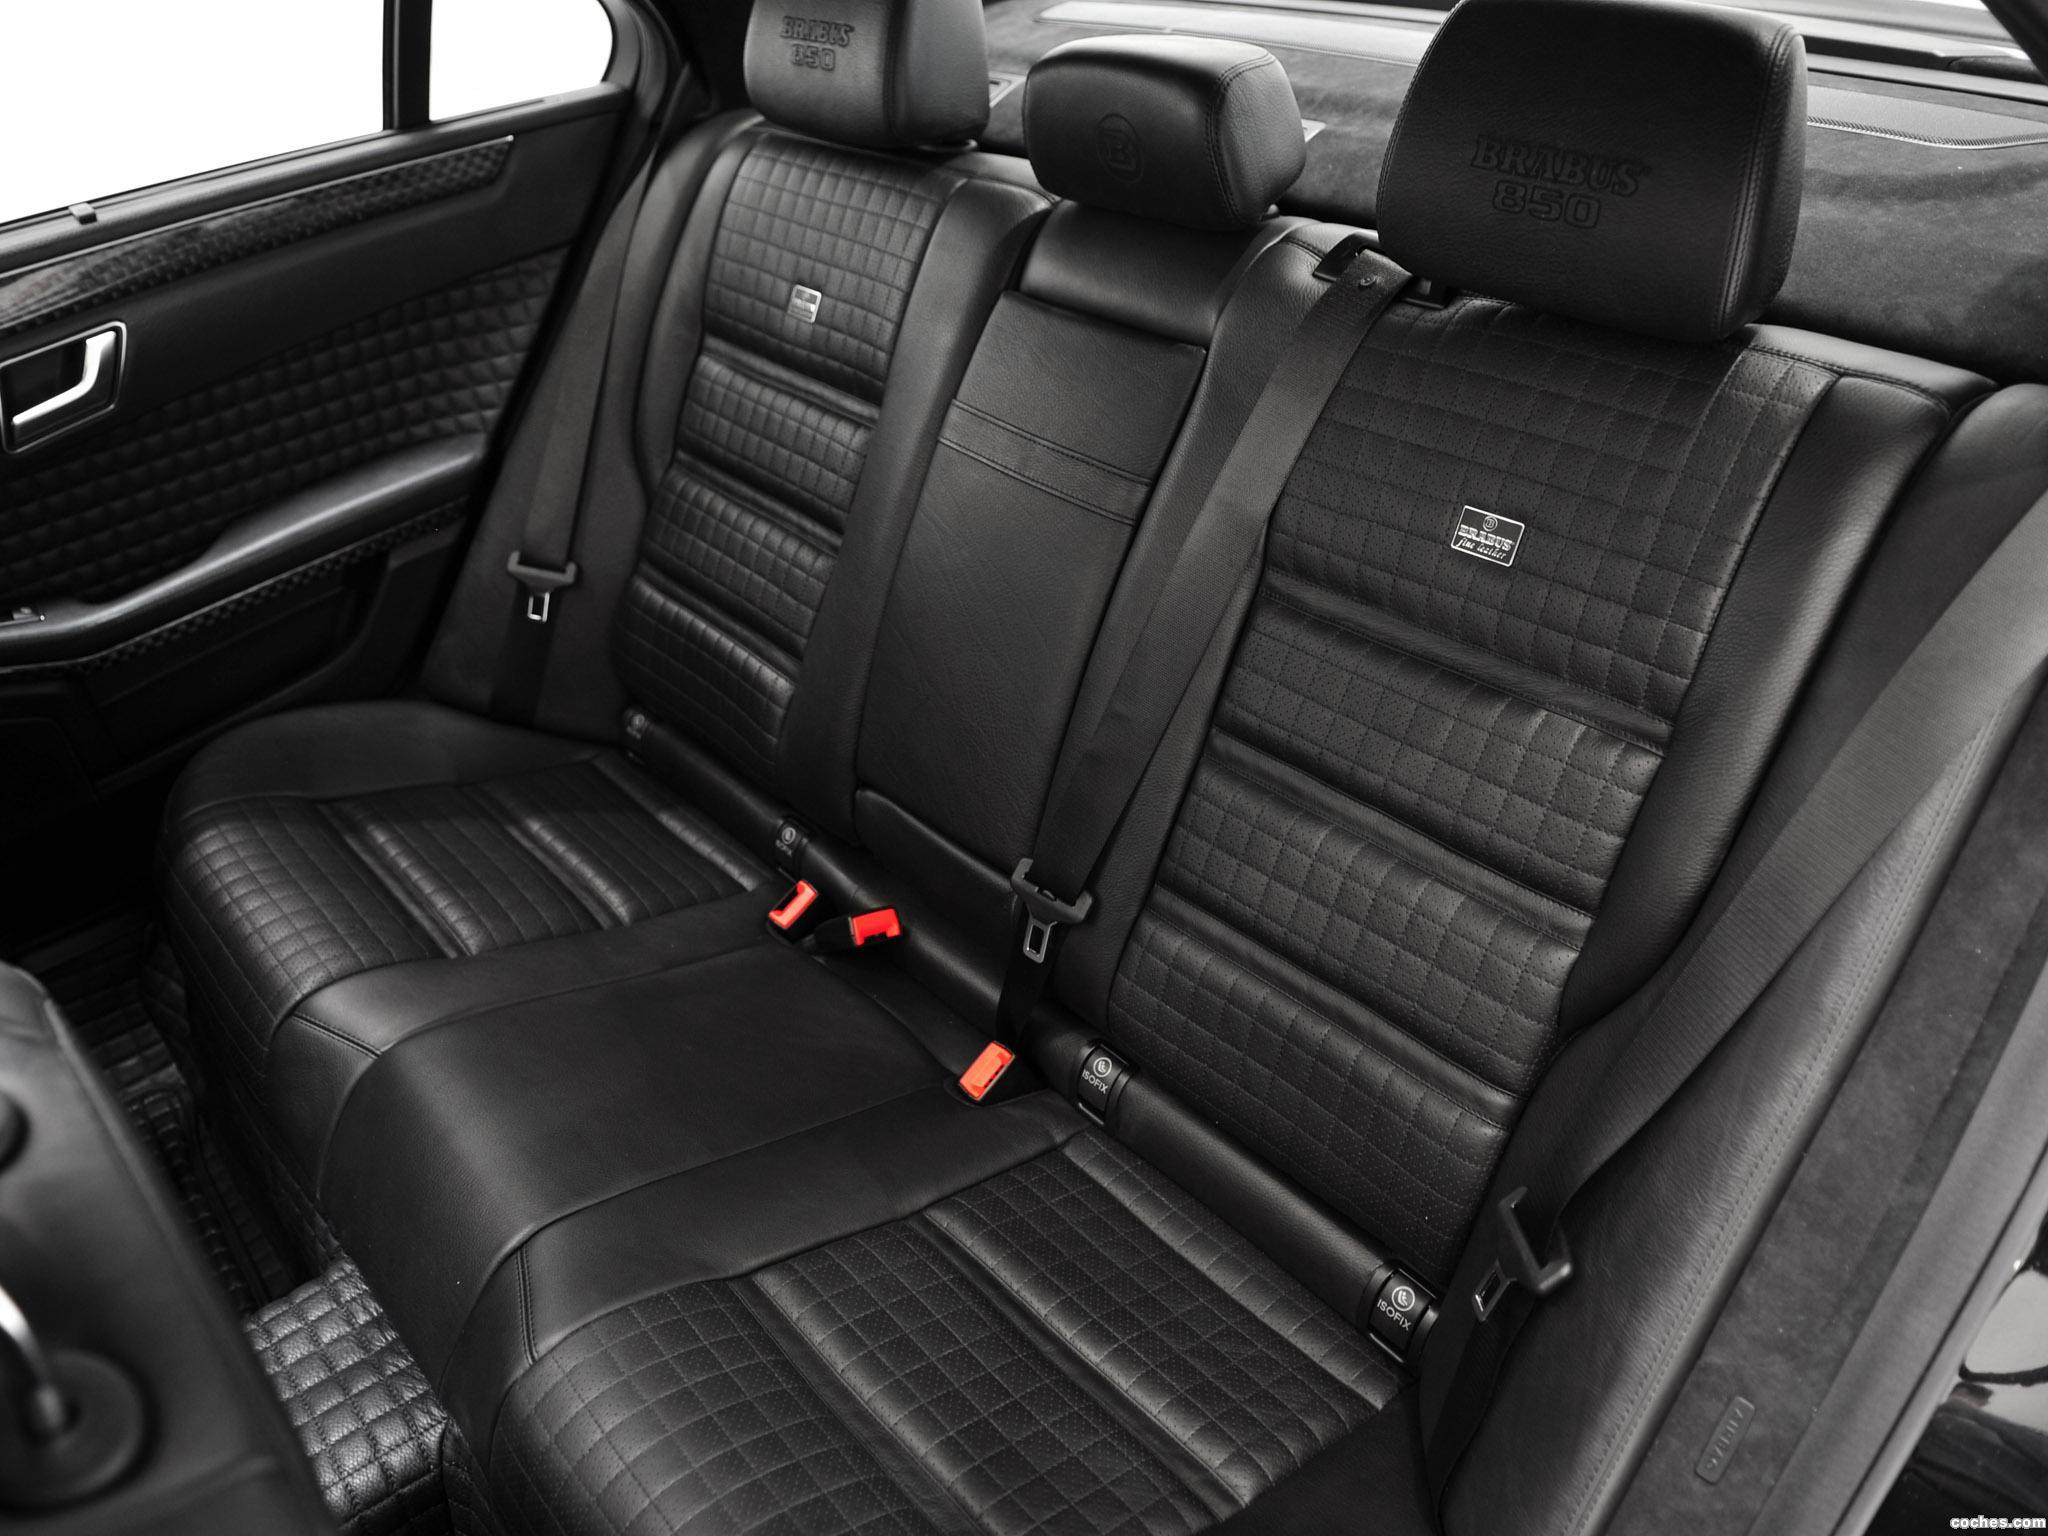 Foto 8 de Brabus Mercedes Clase E AMG E63 850 6.0 Biturbo 2013